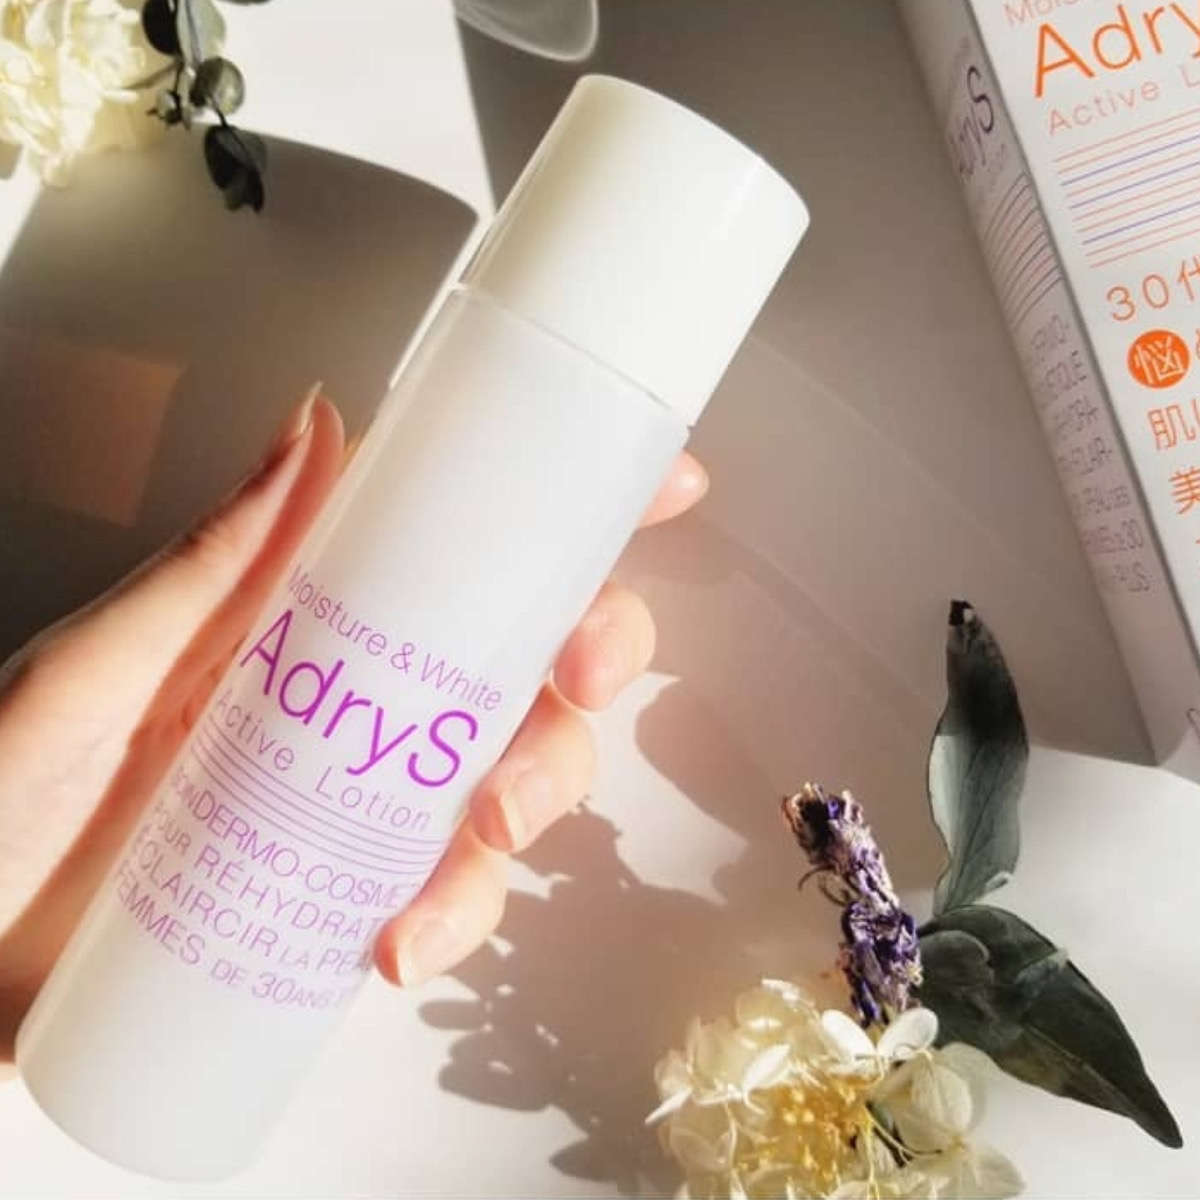 30代に人気の美白化粧水をランキング形式で、お届け!【プチプラ&デパコス】